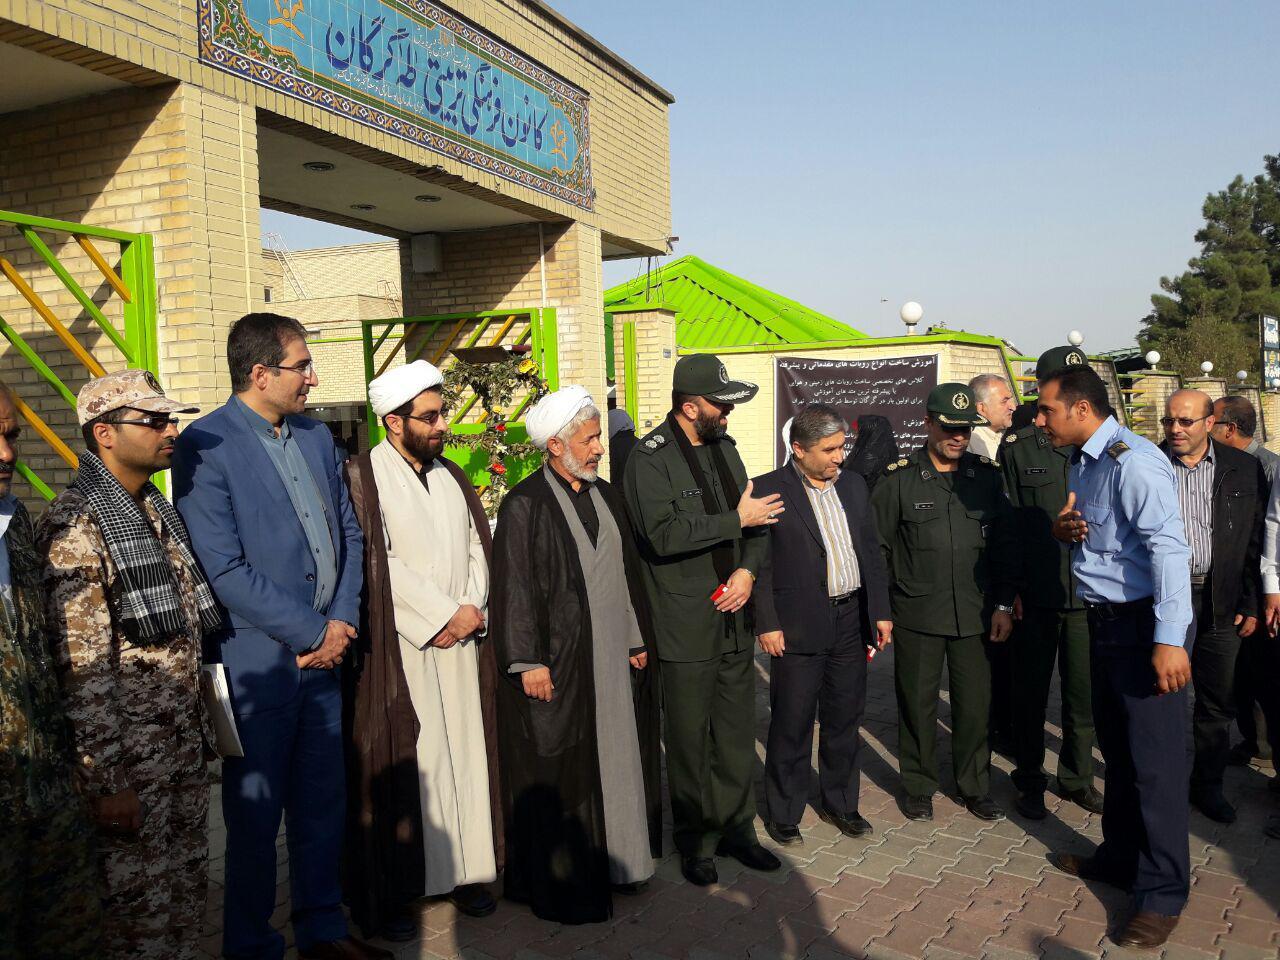 اعزام دختران دبیرستانی گرگان به مناطق عملیاتی غرب کشور6